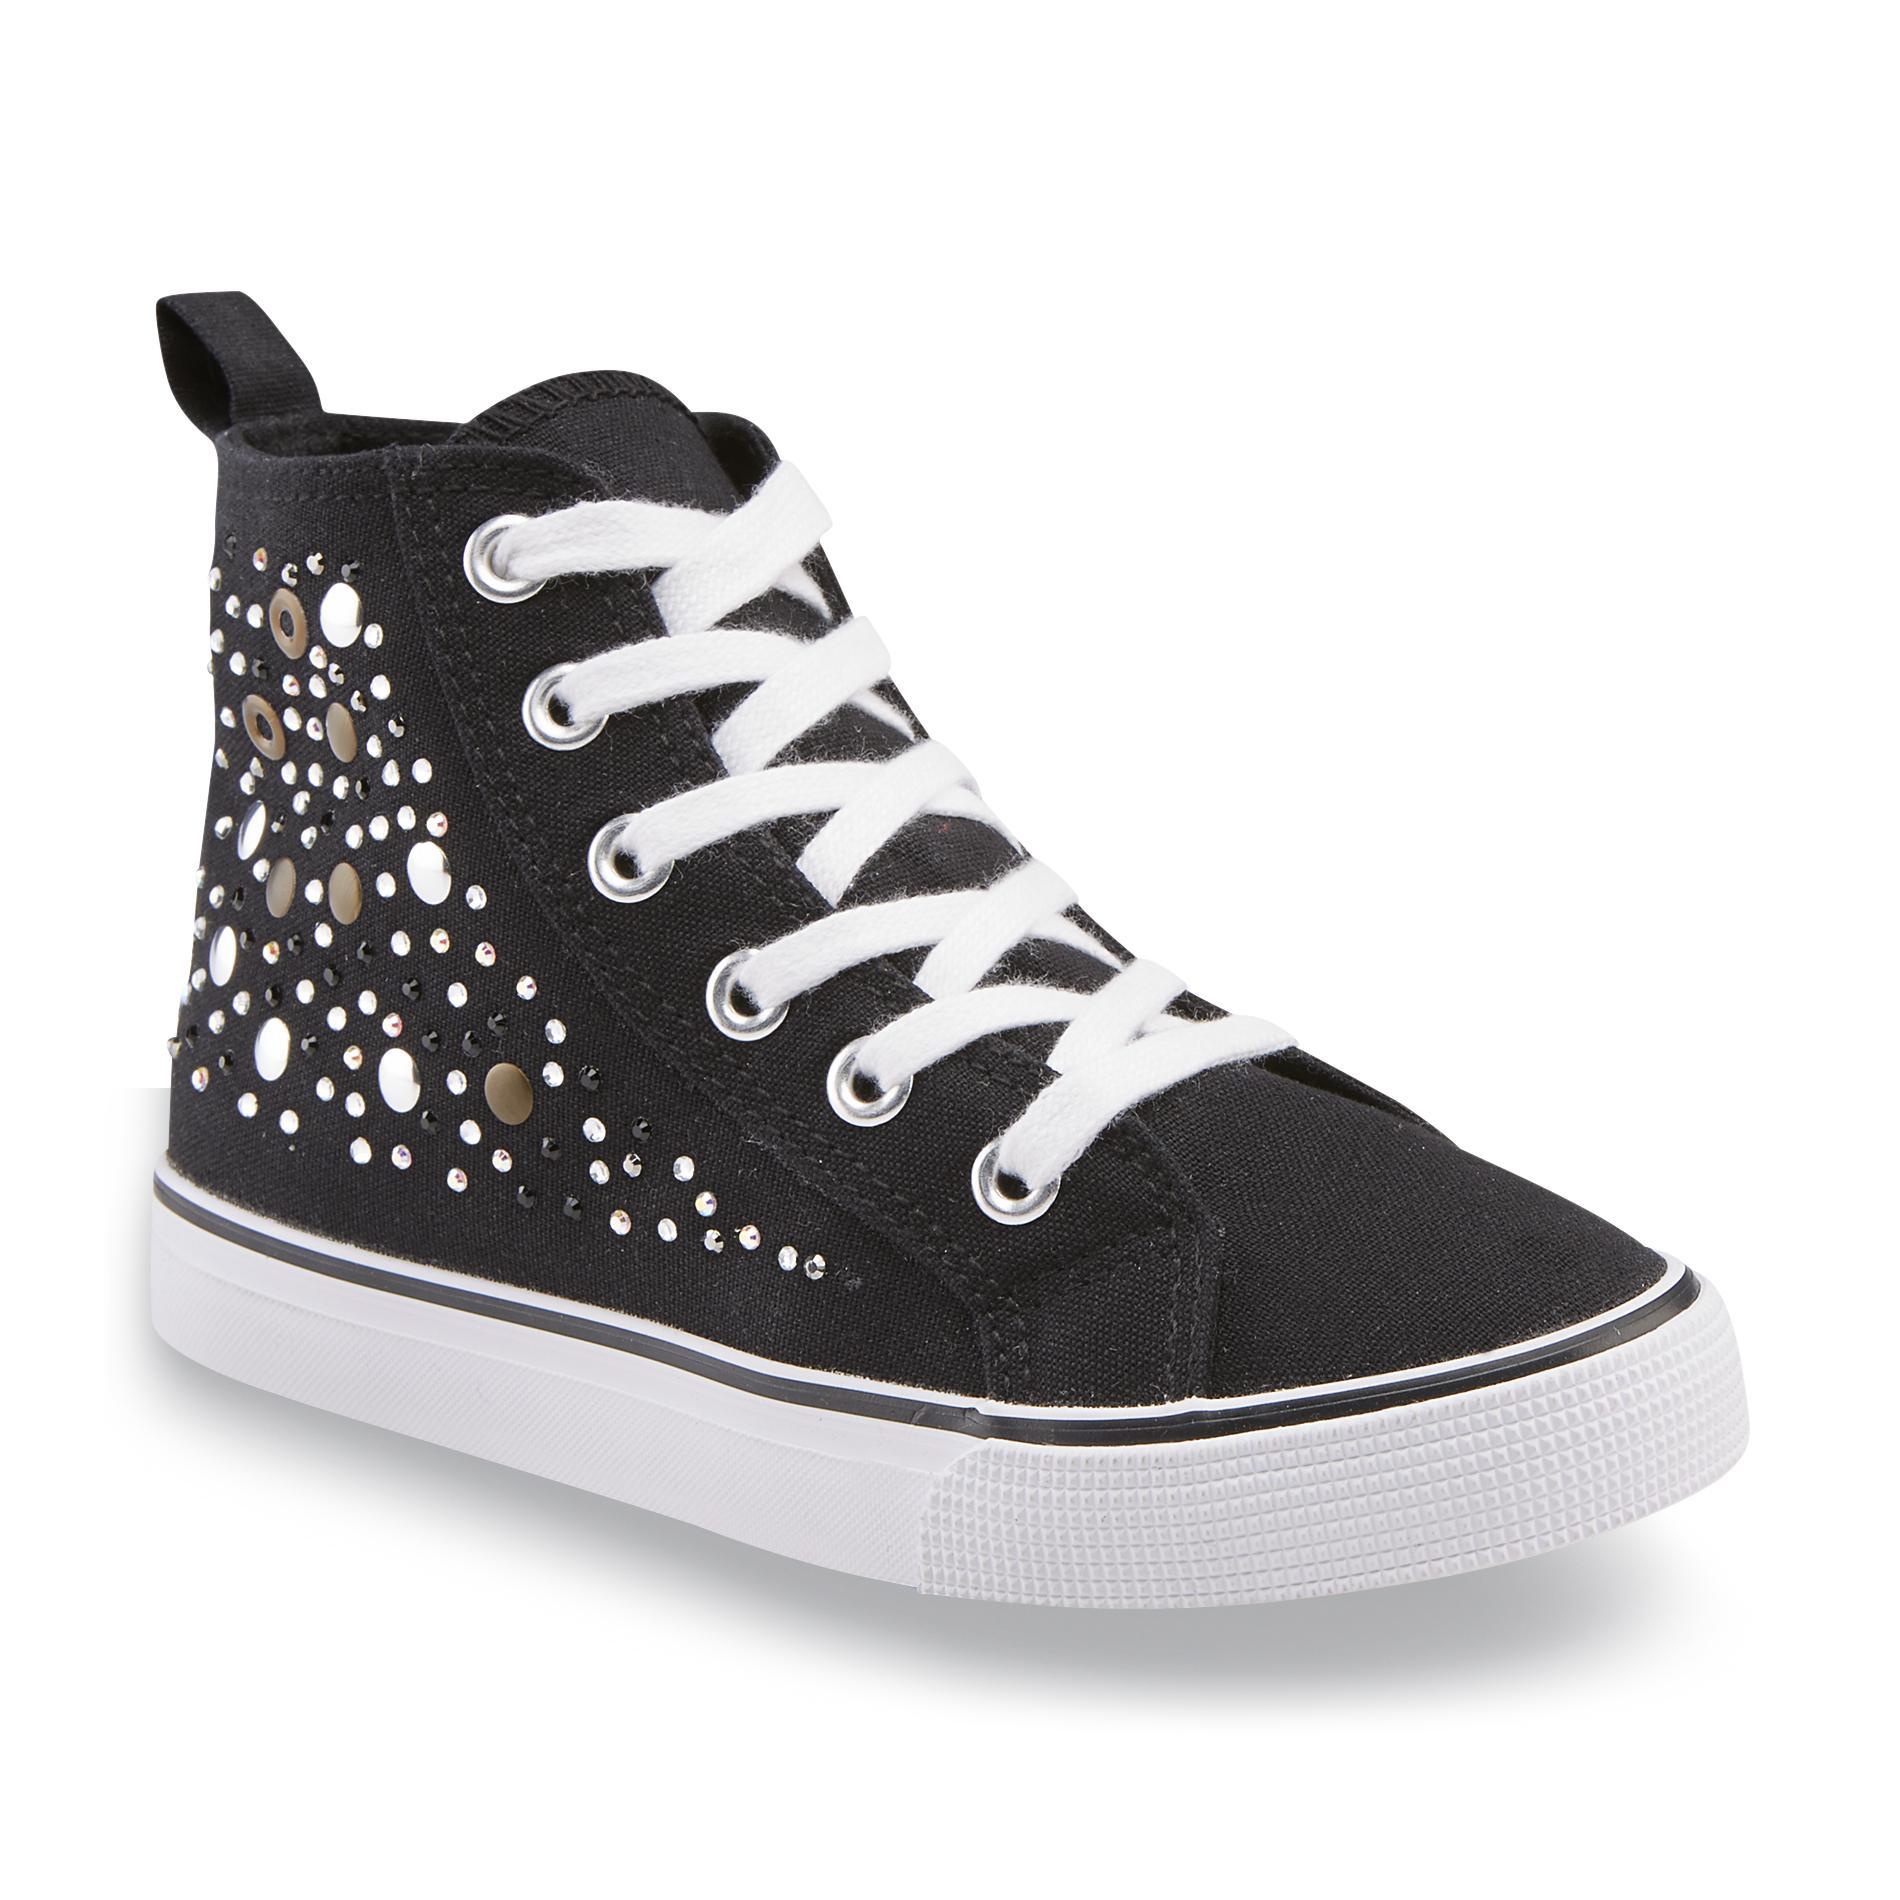 Black High Top Shoes Girls